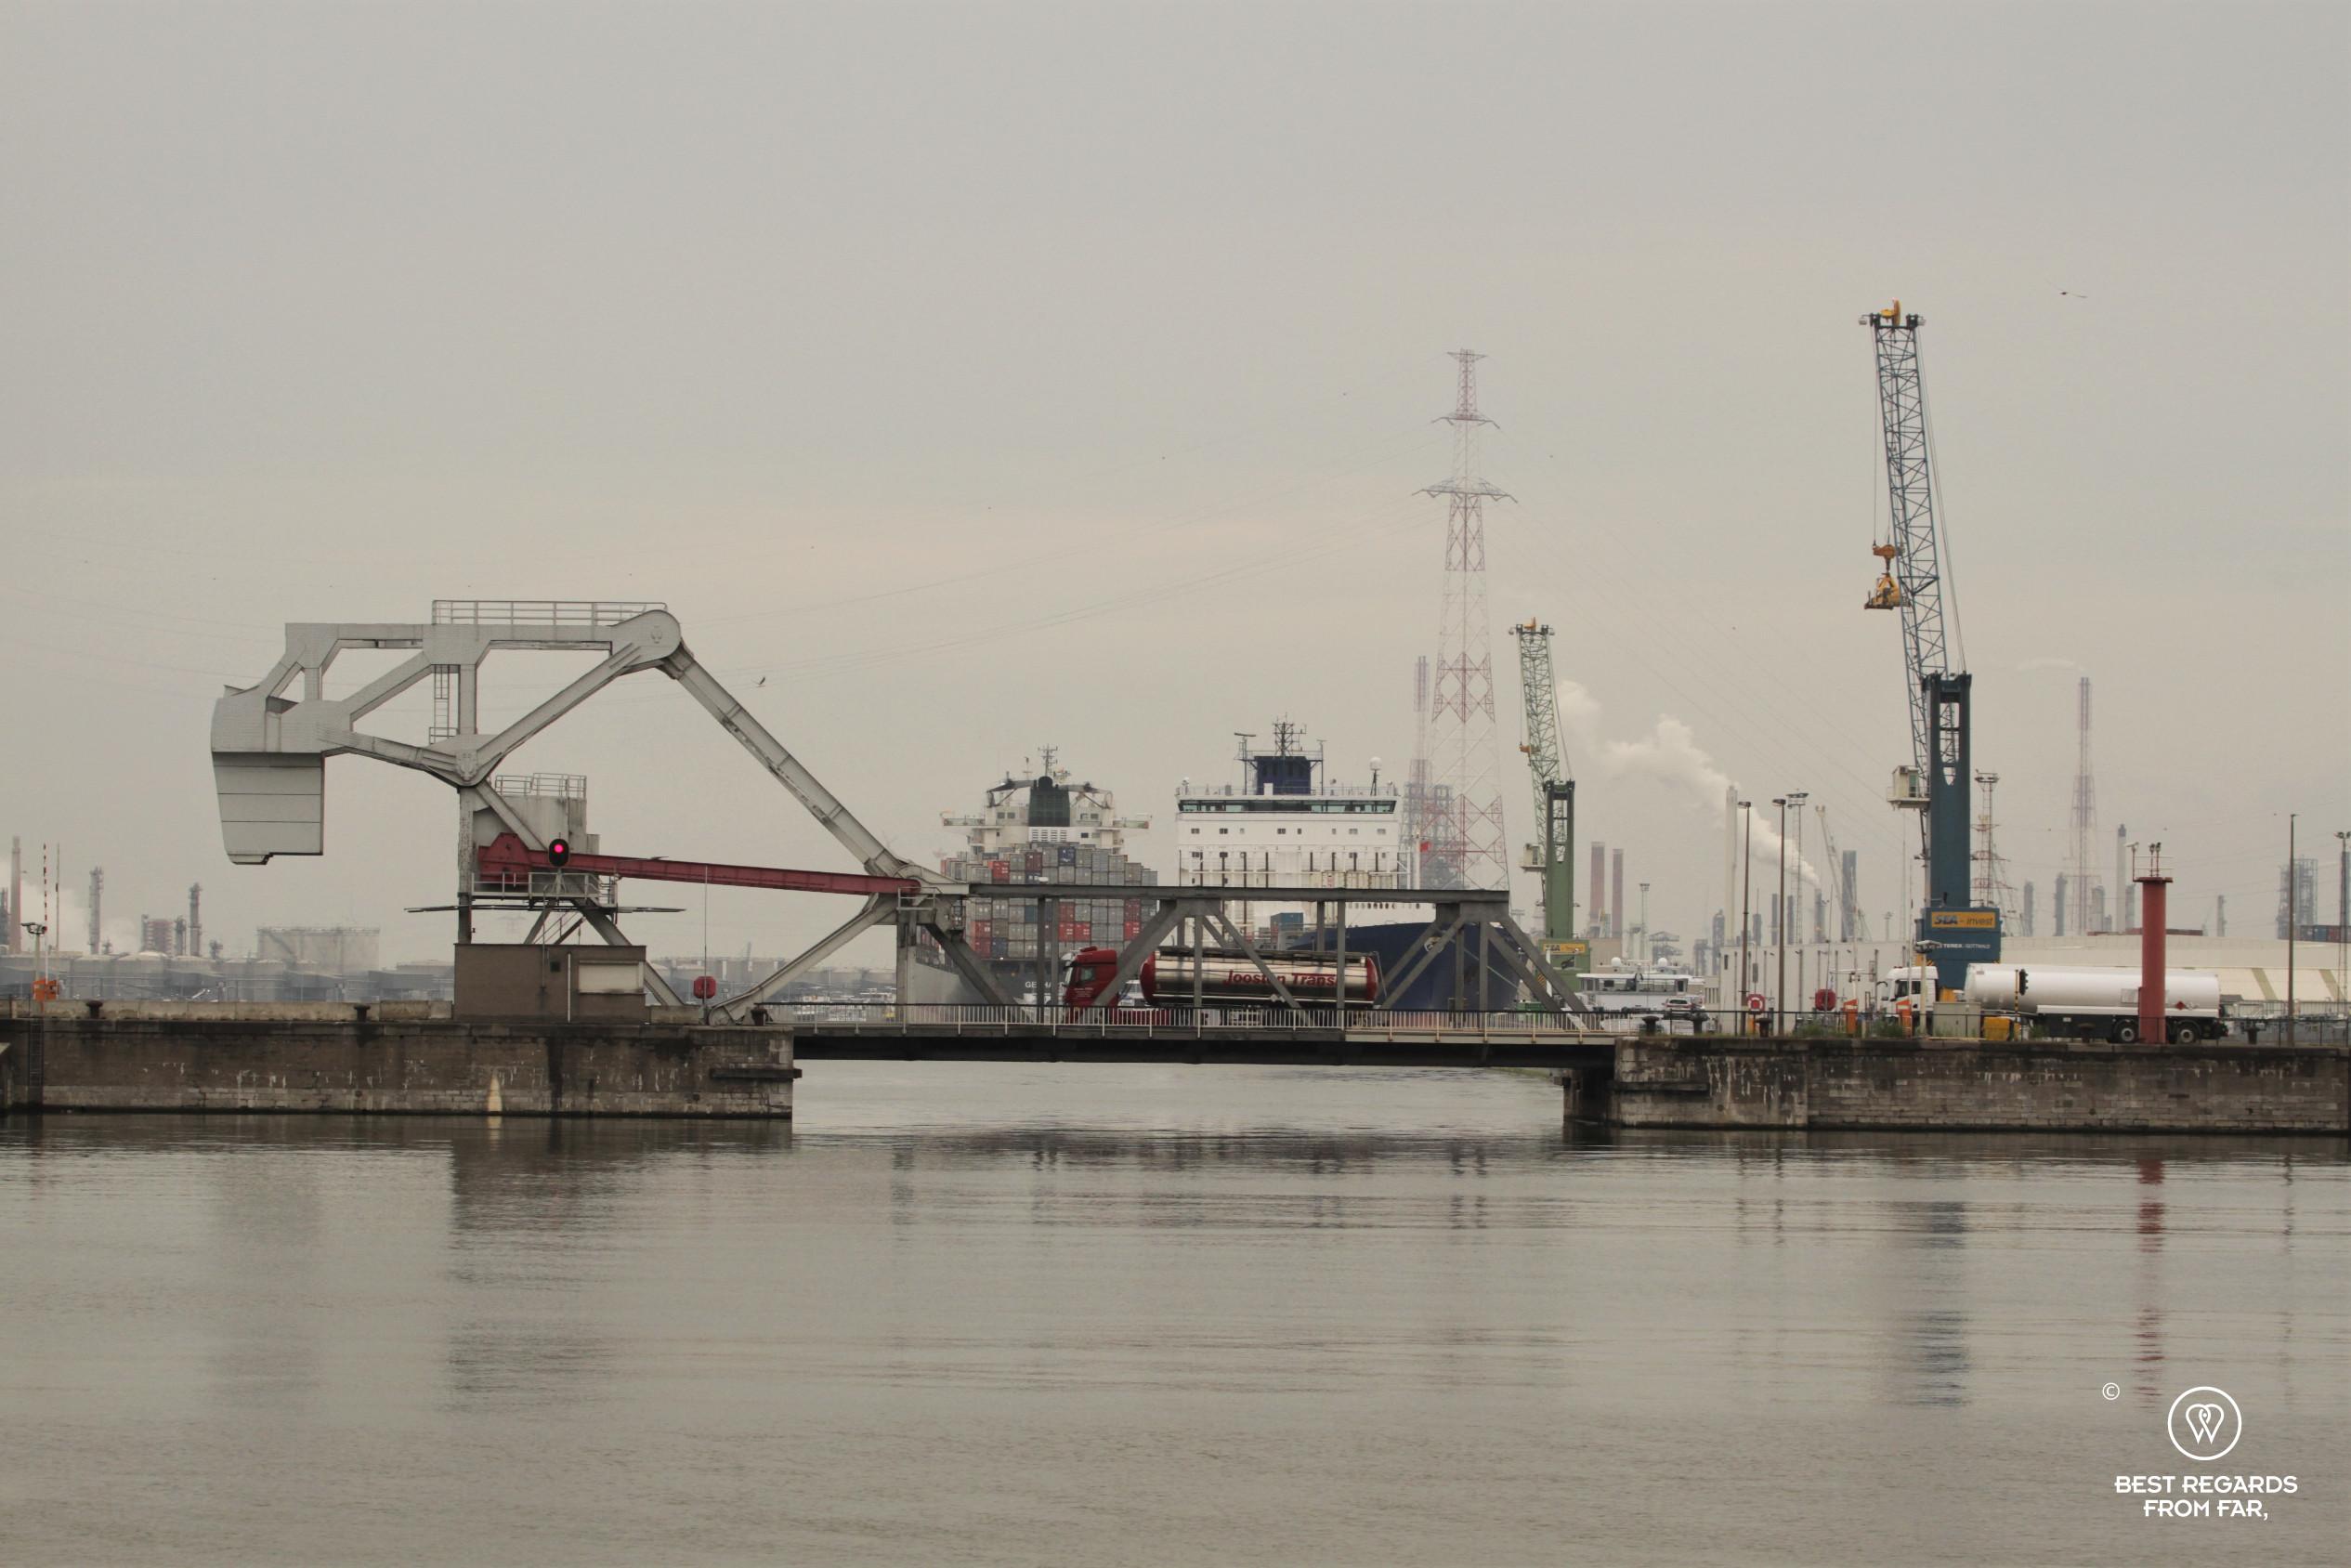 Cranes, chimneys, bridge and cargoships in the industrial harbour of Antwerp, Belgium